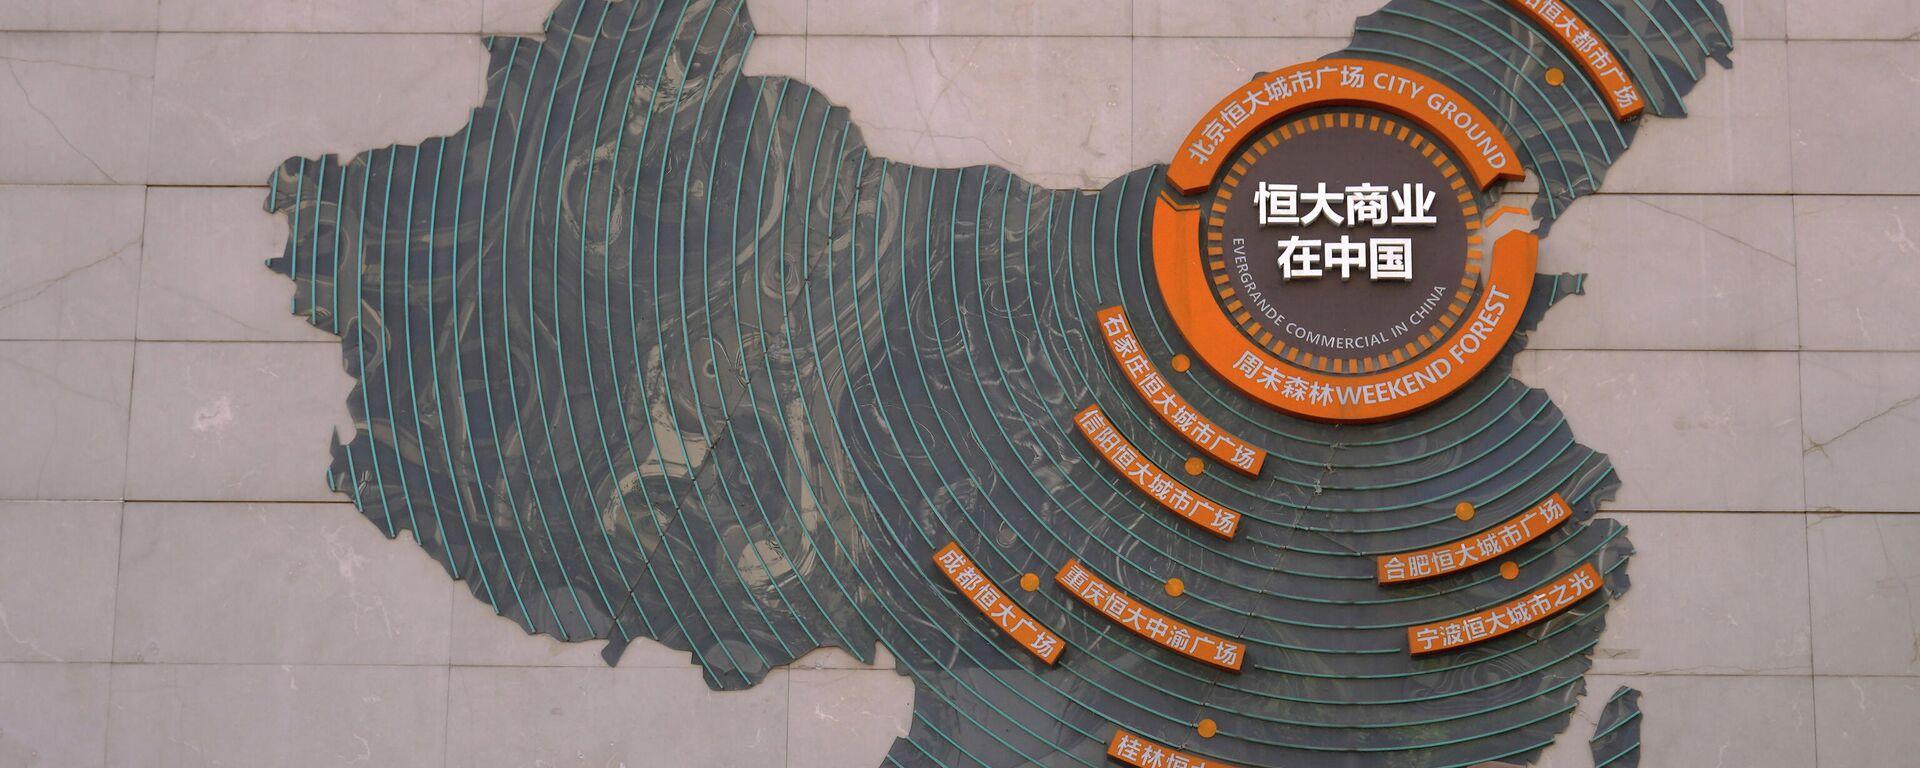 Sede di Evergrande a Pechino (Cina) - Sputnik World, 1920, 22.09.2021